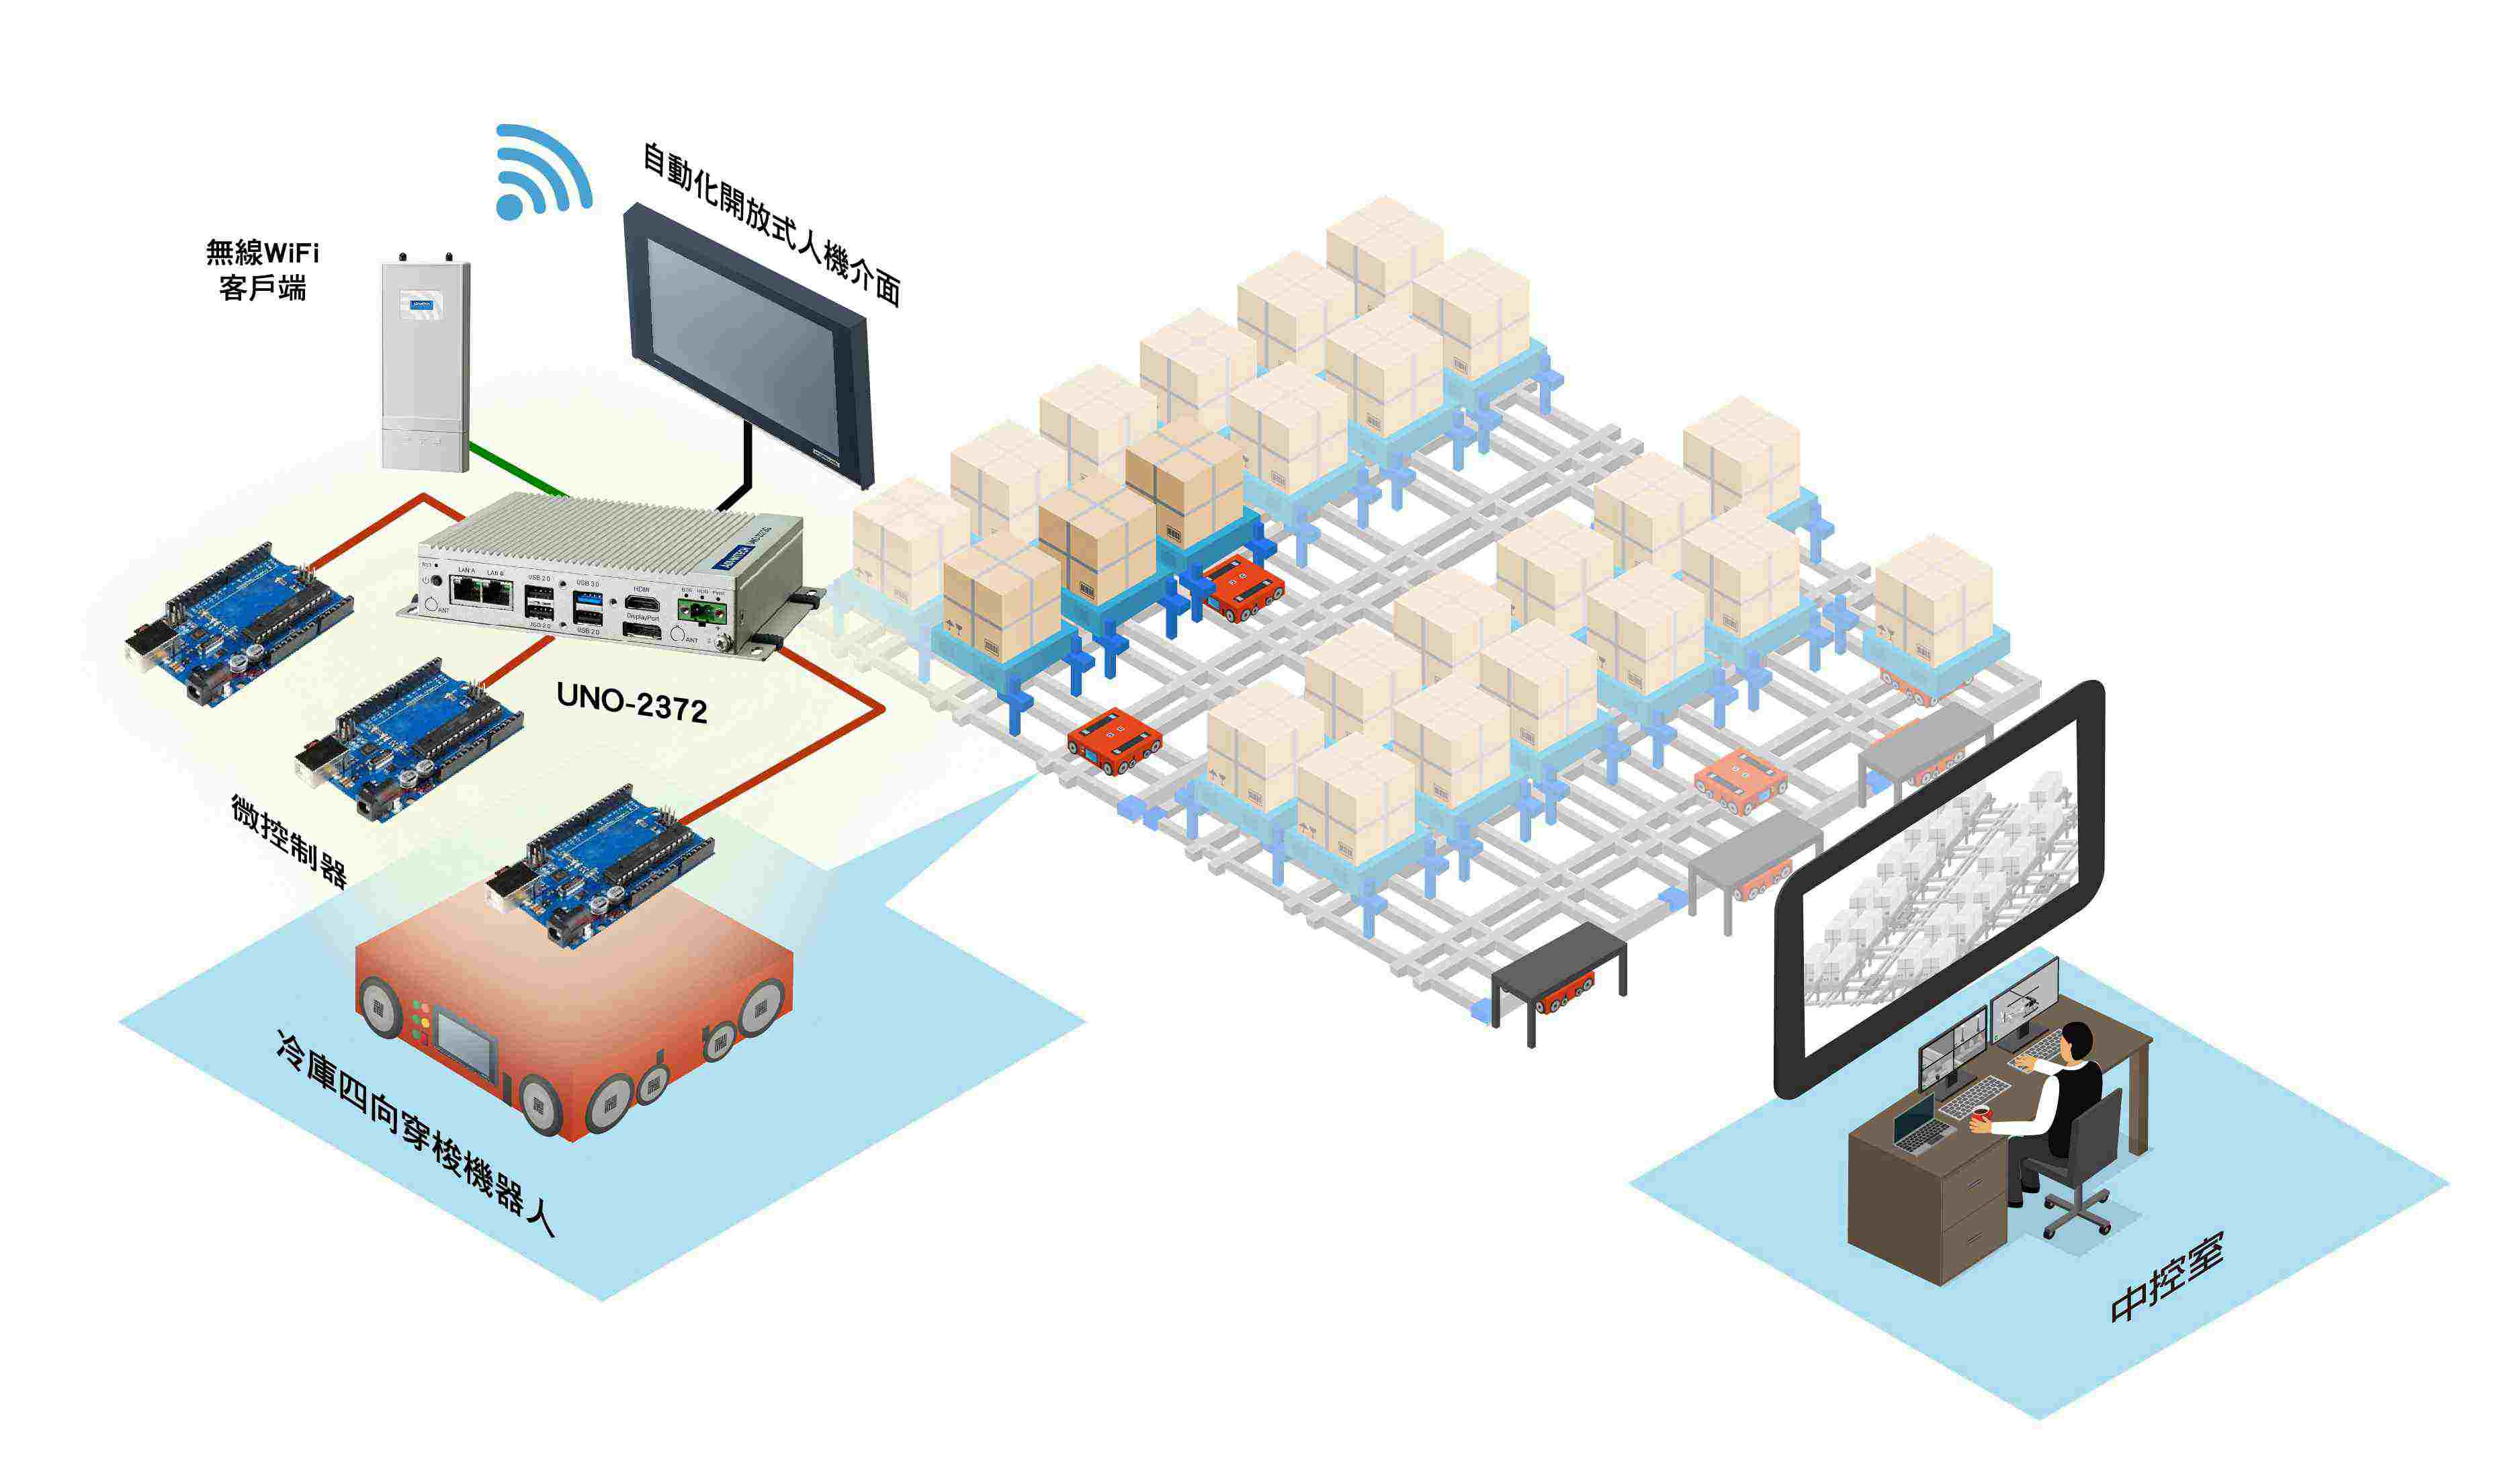 以小尺寸、高稳定的UNO-2372G确保冷冻库专用四向穿梭机器人之可靠运行